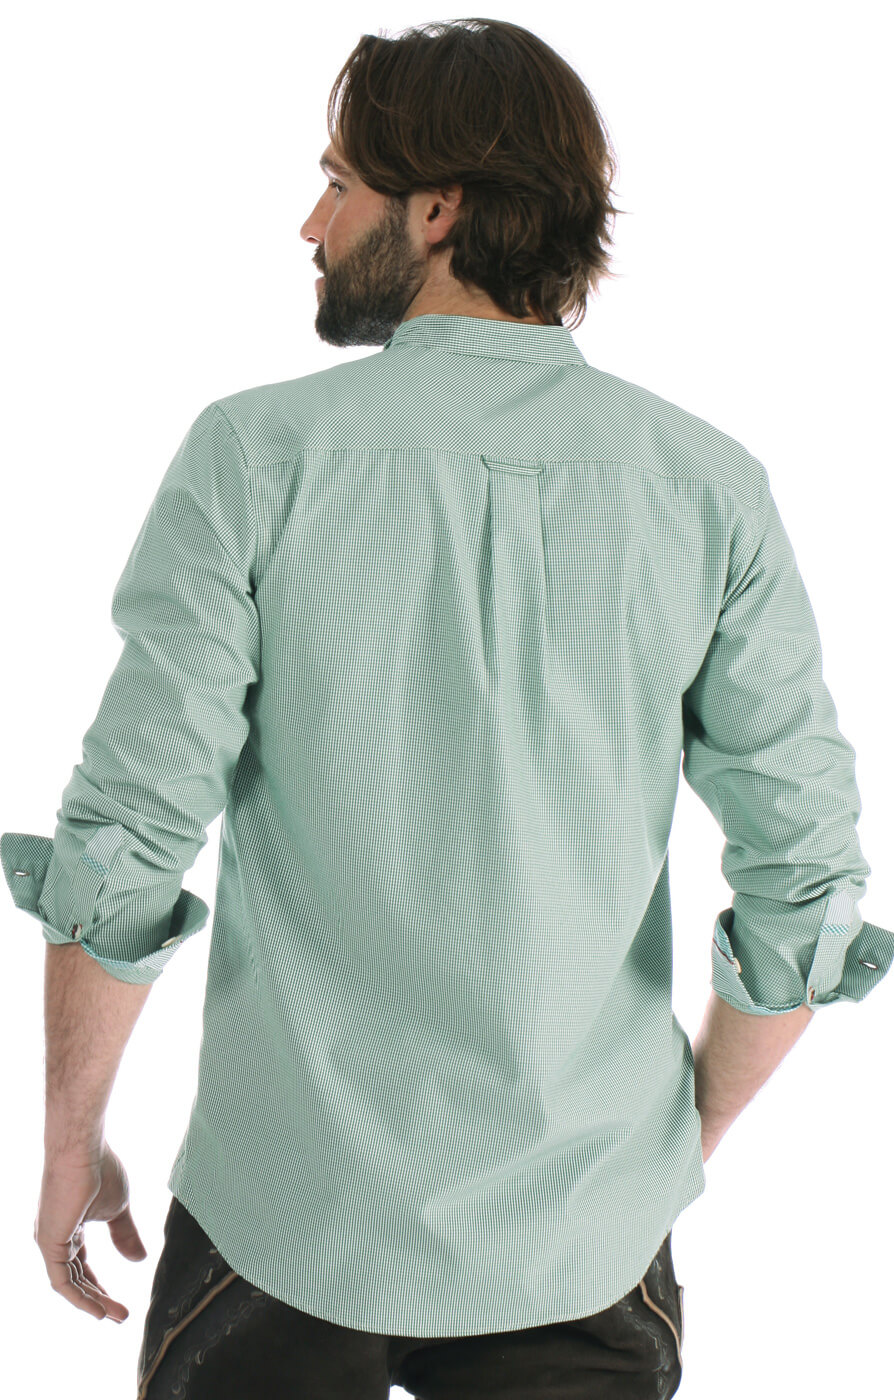 weitere Bilder von Trachtenhemd Pfoad Stehkragen grün